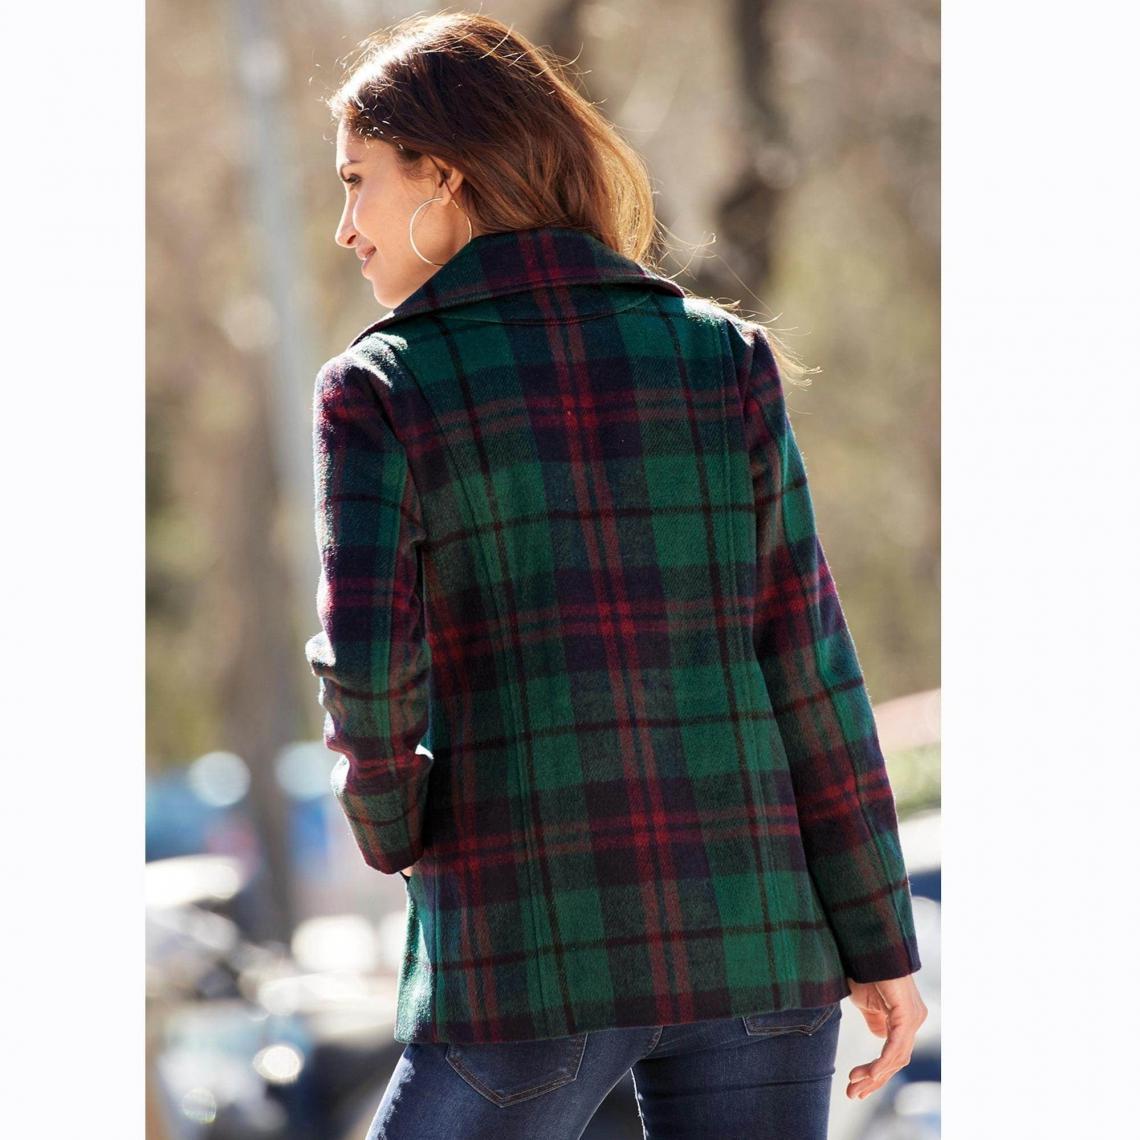 2e688096f86b Manteaux femme 3 SUISSES Cliquez l image pour l agrandir. Manteau court  évasé double boutonnage doublé femme - Vert ...